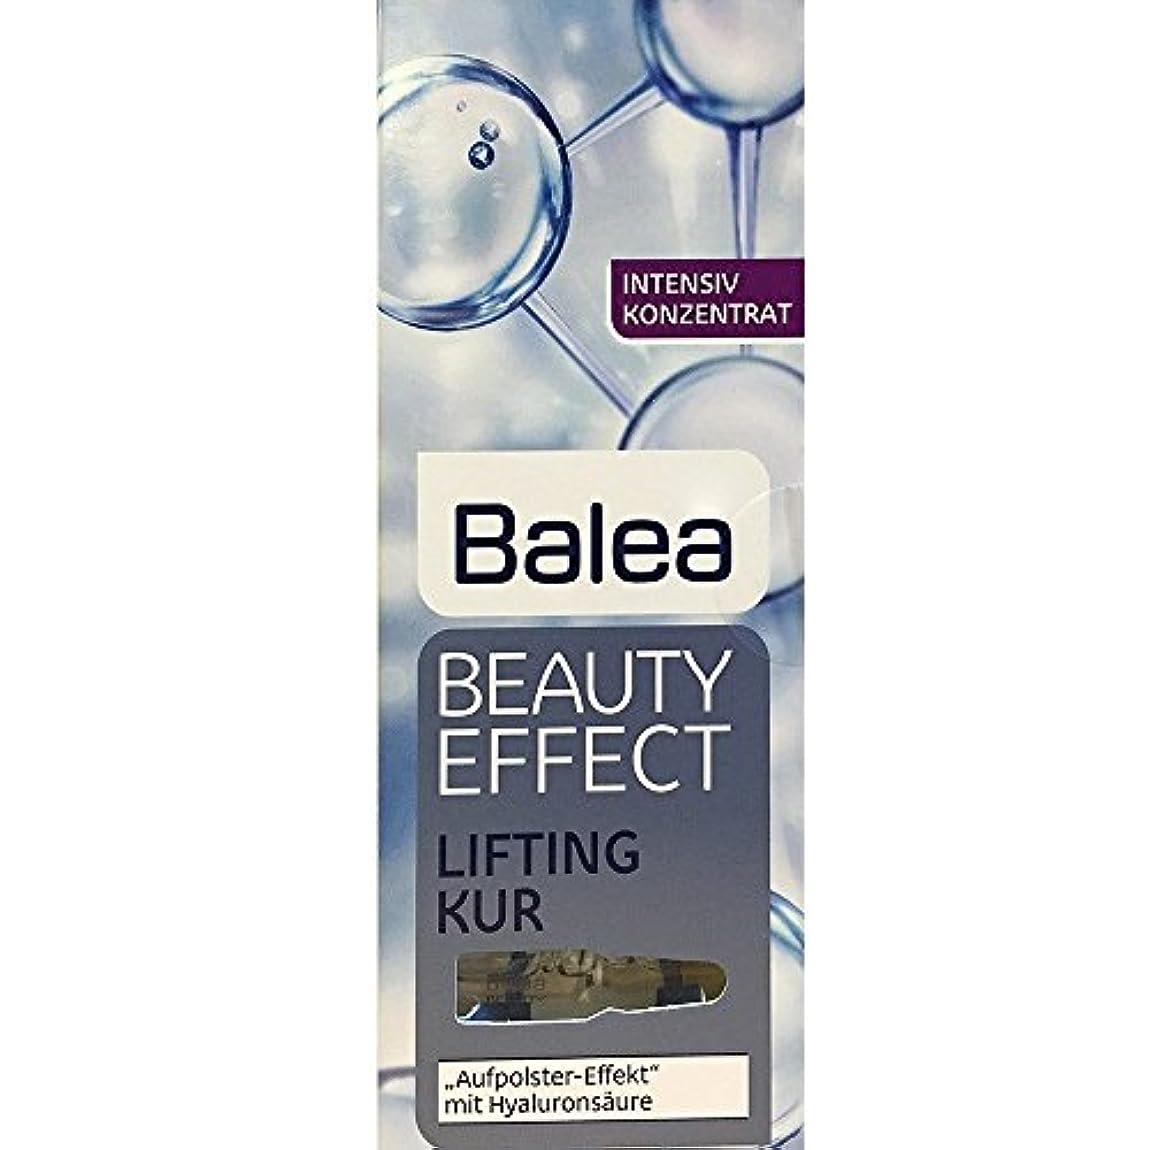 キャッチ延期する偶然のBalea Beauty Effect Lifting Kur 7x1ml by Balea